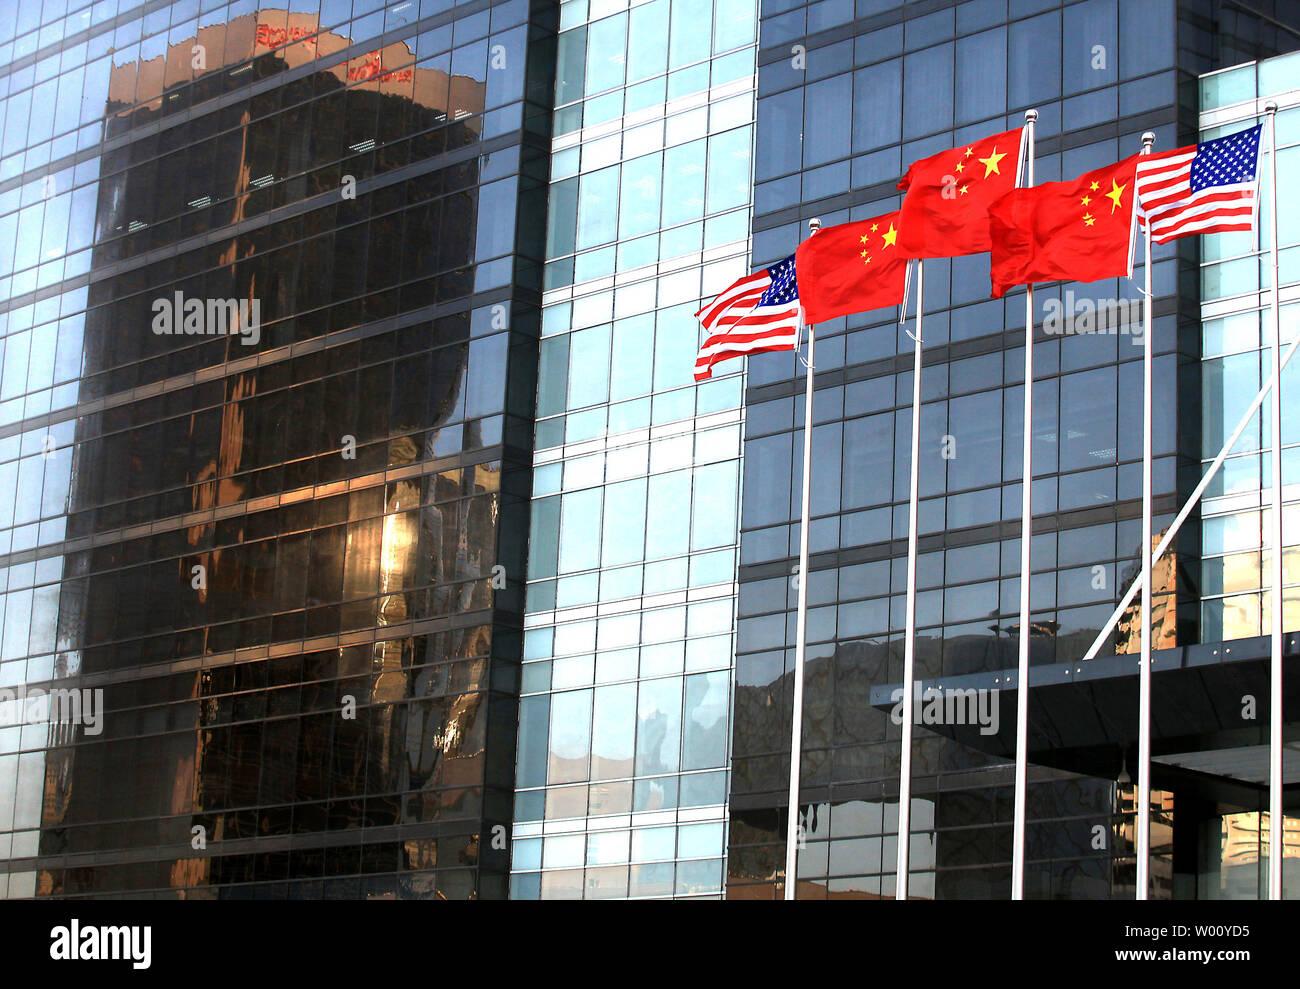 Entrambi americani e cinesi bandiere nazionali Vola di fronte a un nuovo centro finanziario internazionale nel centro di Pechino Novembre 23, 2011. Gli Stati Uniti questa settimana ha salutato il tasto i negoziati commerciali con la Cina come un successo, dicendo che aveva fatto 'msignificativa, progressi concreti' sulla pirateria e di accesso al mercato, ma ha avvertito più lavoro doveva essere fatto. UPI/Stephen rasoio Foto Stock